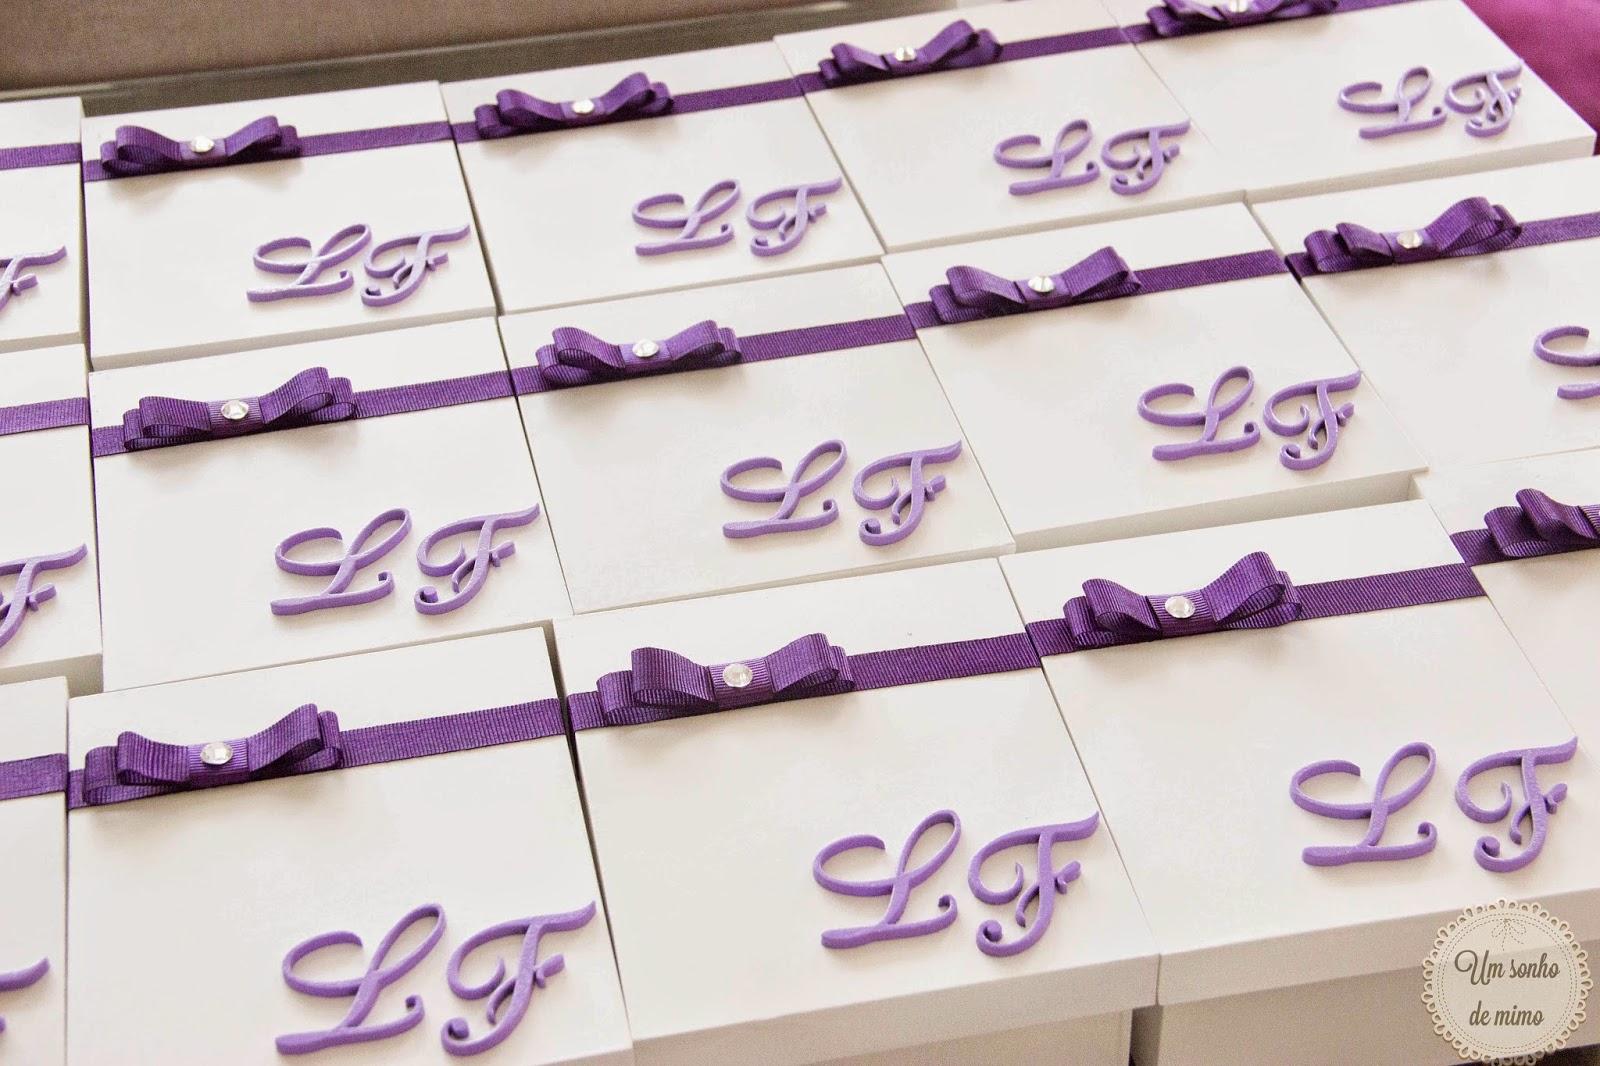 caixa padrinhos casamento, caixa padrinhos bh, caixa padrinhos belo horizonte, caixa personalizada